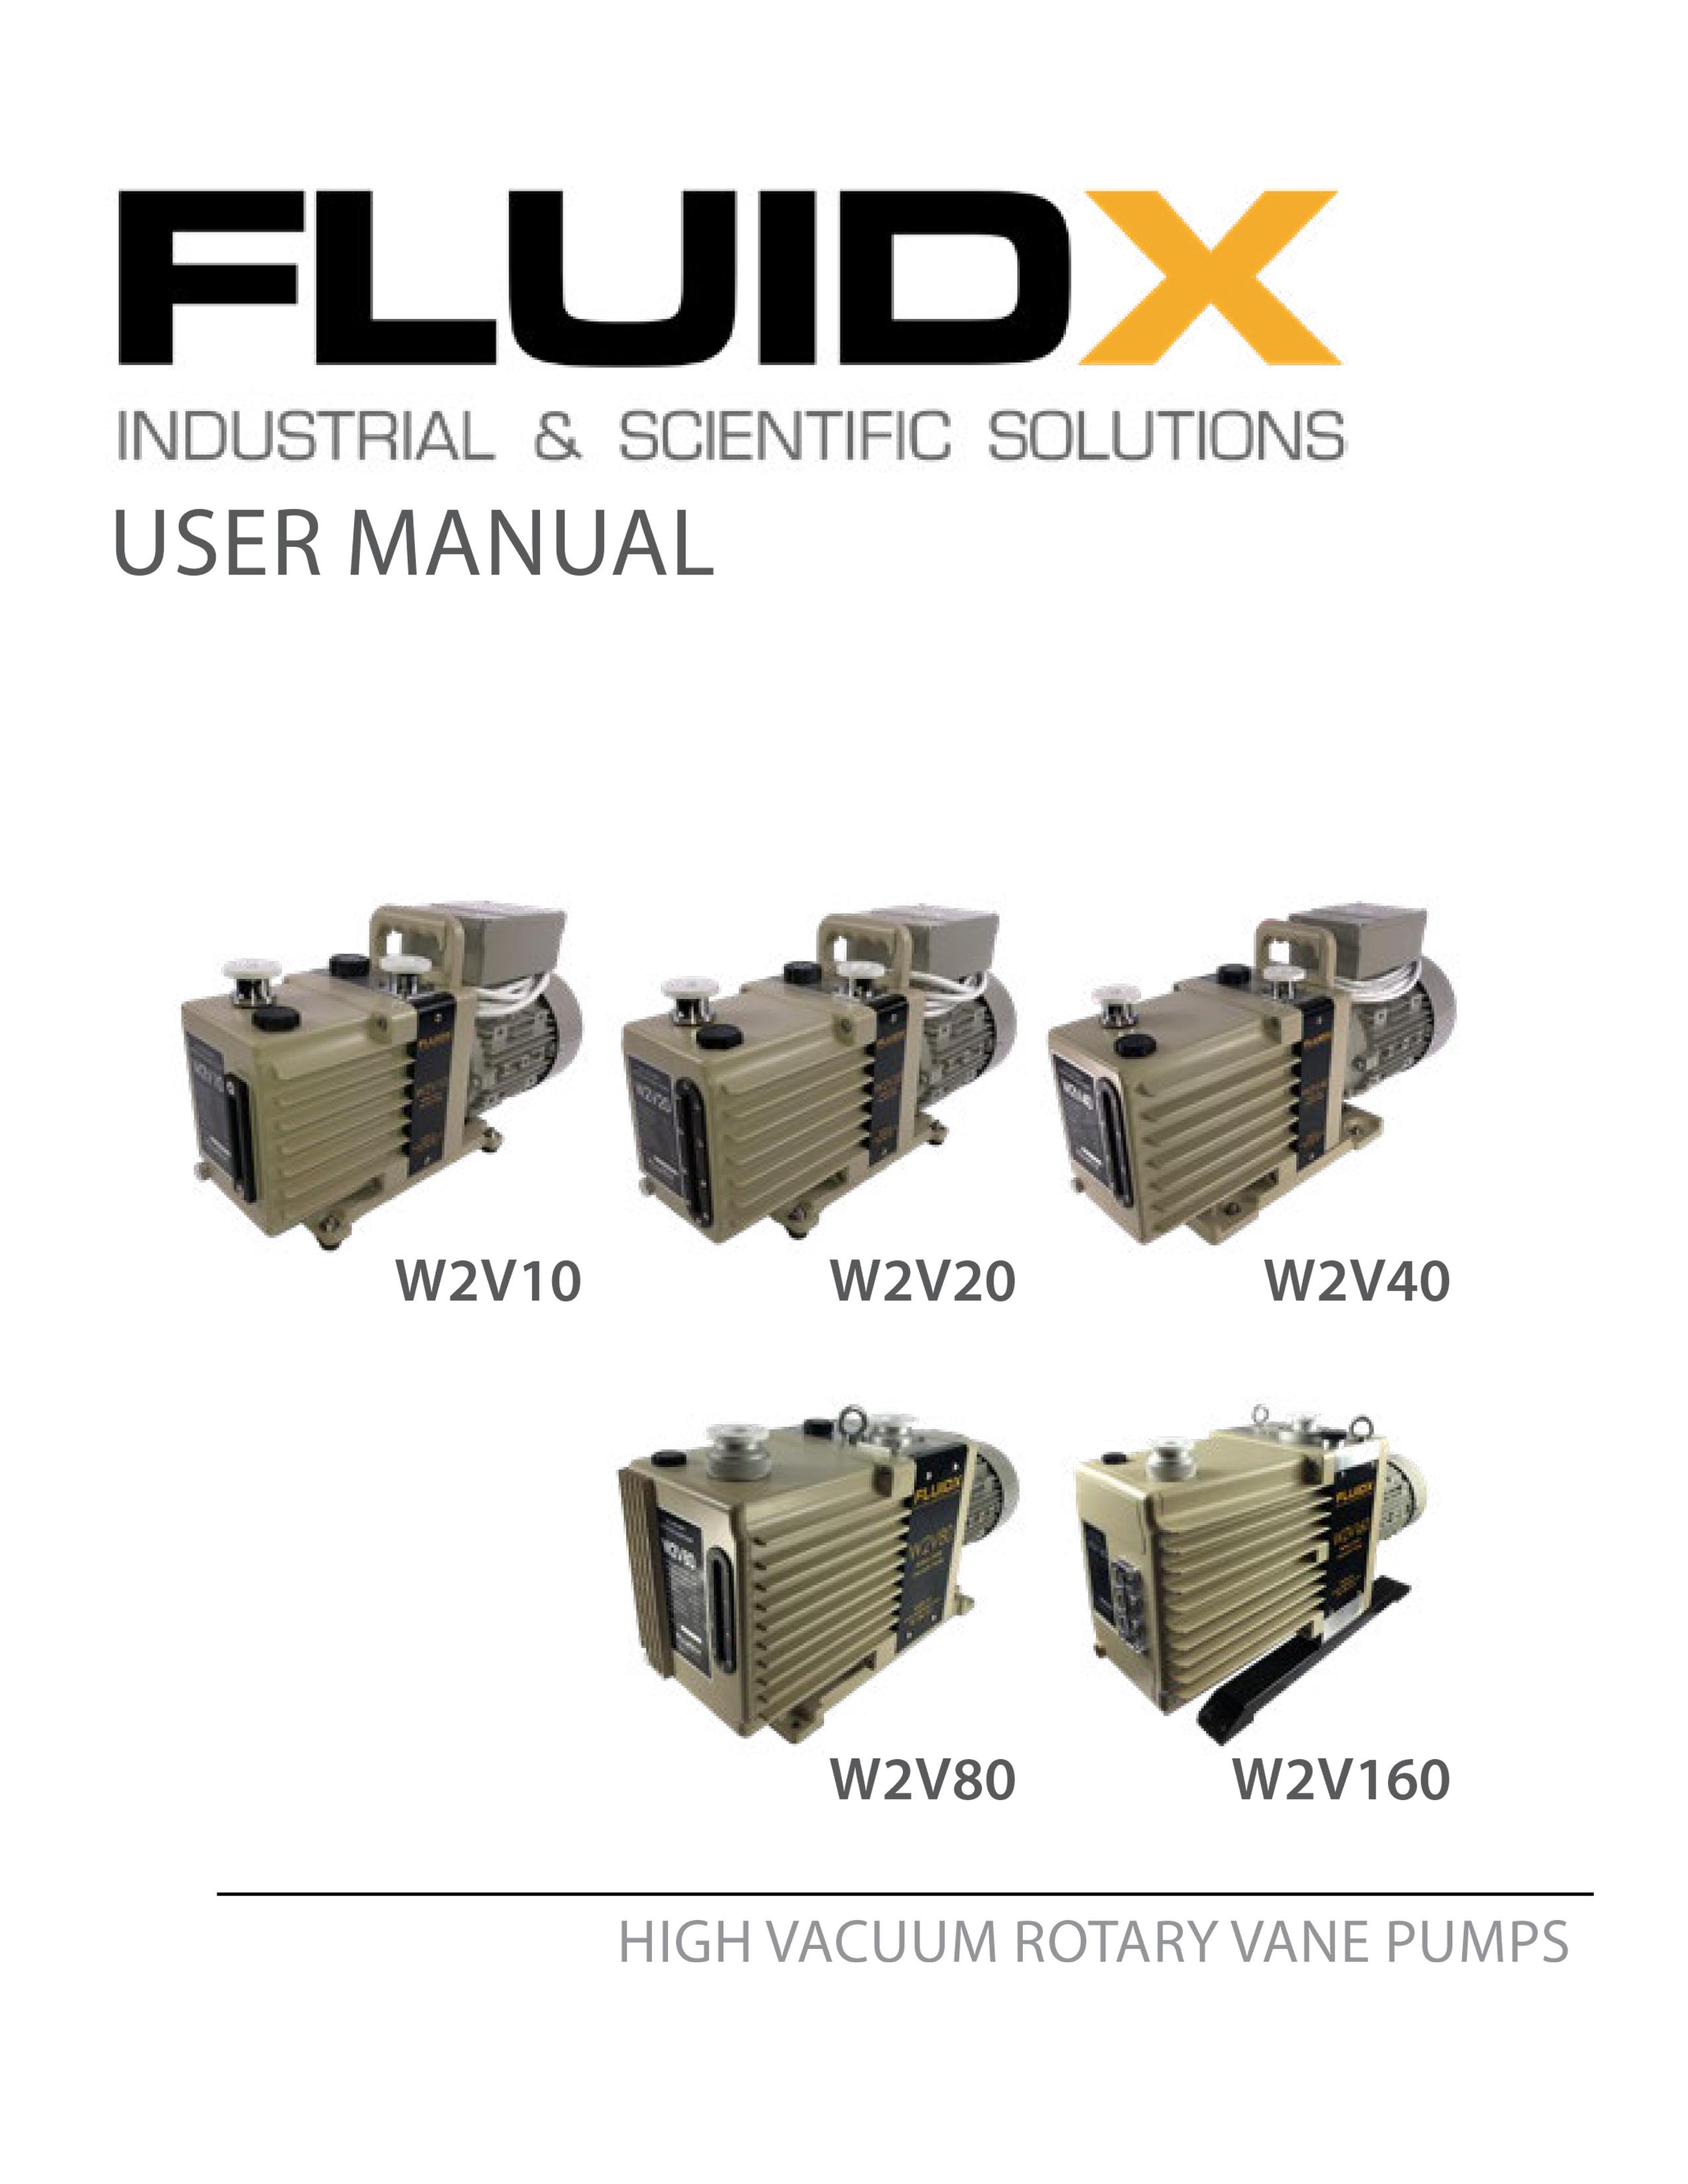 fluidx-w2v-user-manual.jpg